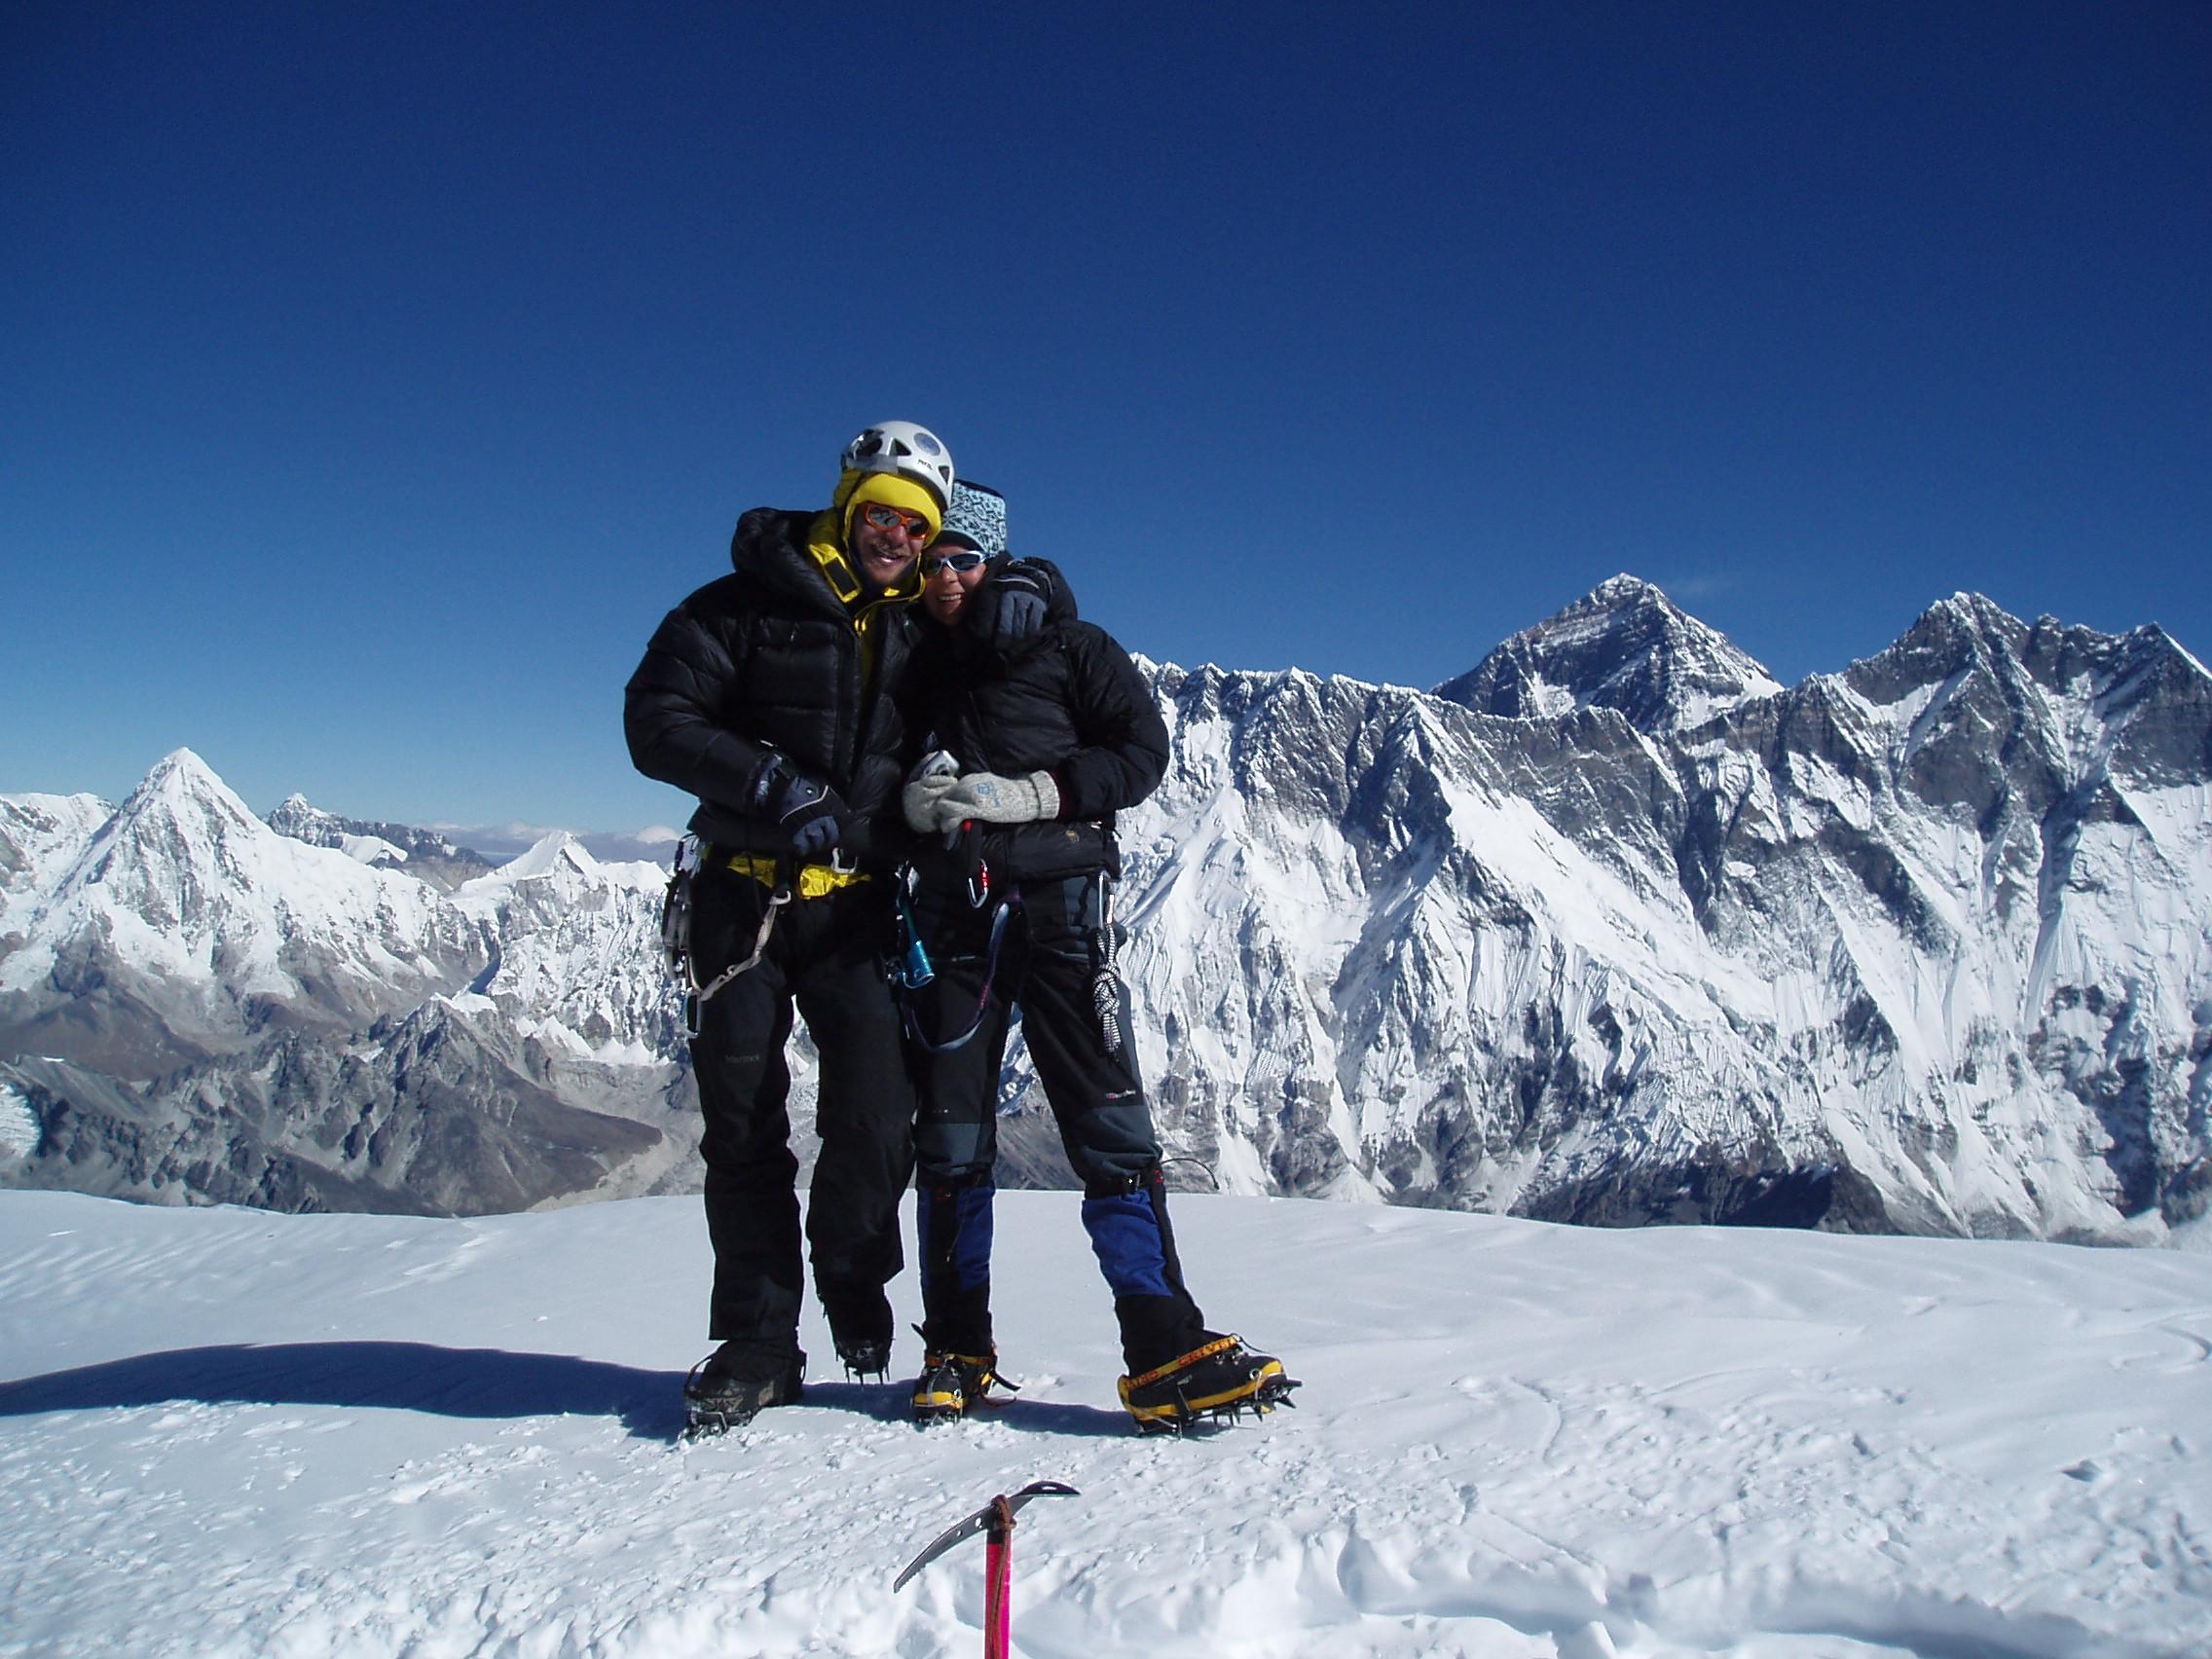 Na vrhu Ama Dablama (6812 m) v Himalaji